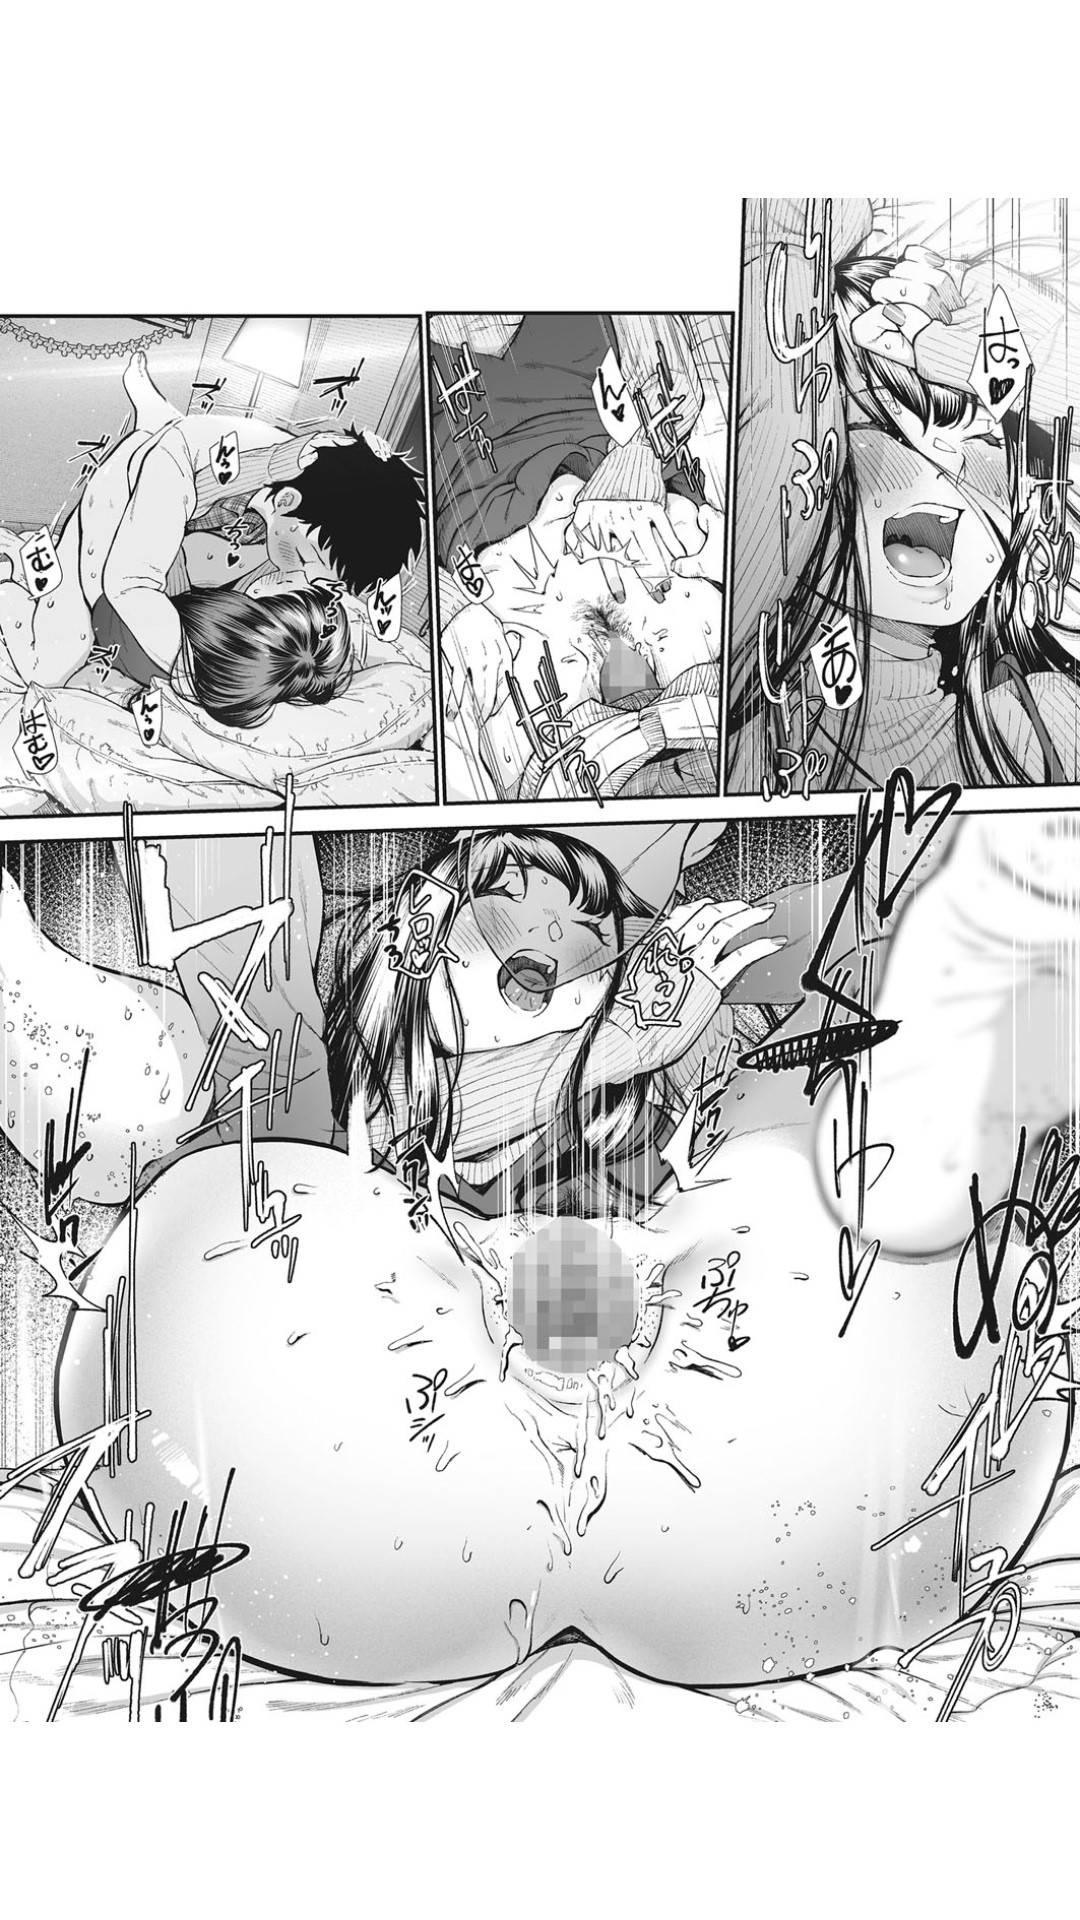 【エロ漫画】クリスマスのお祝いをしながら長年同棲している彼氏との結婚を決めた彼女…じゃれ合いながらイチャラブ生ハメセックスしまくり連続中出し同時イキ【じょろり:記念日。】